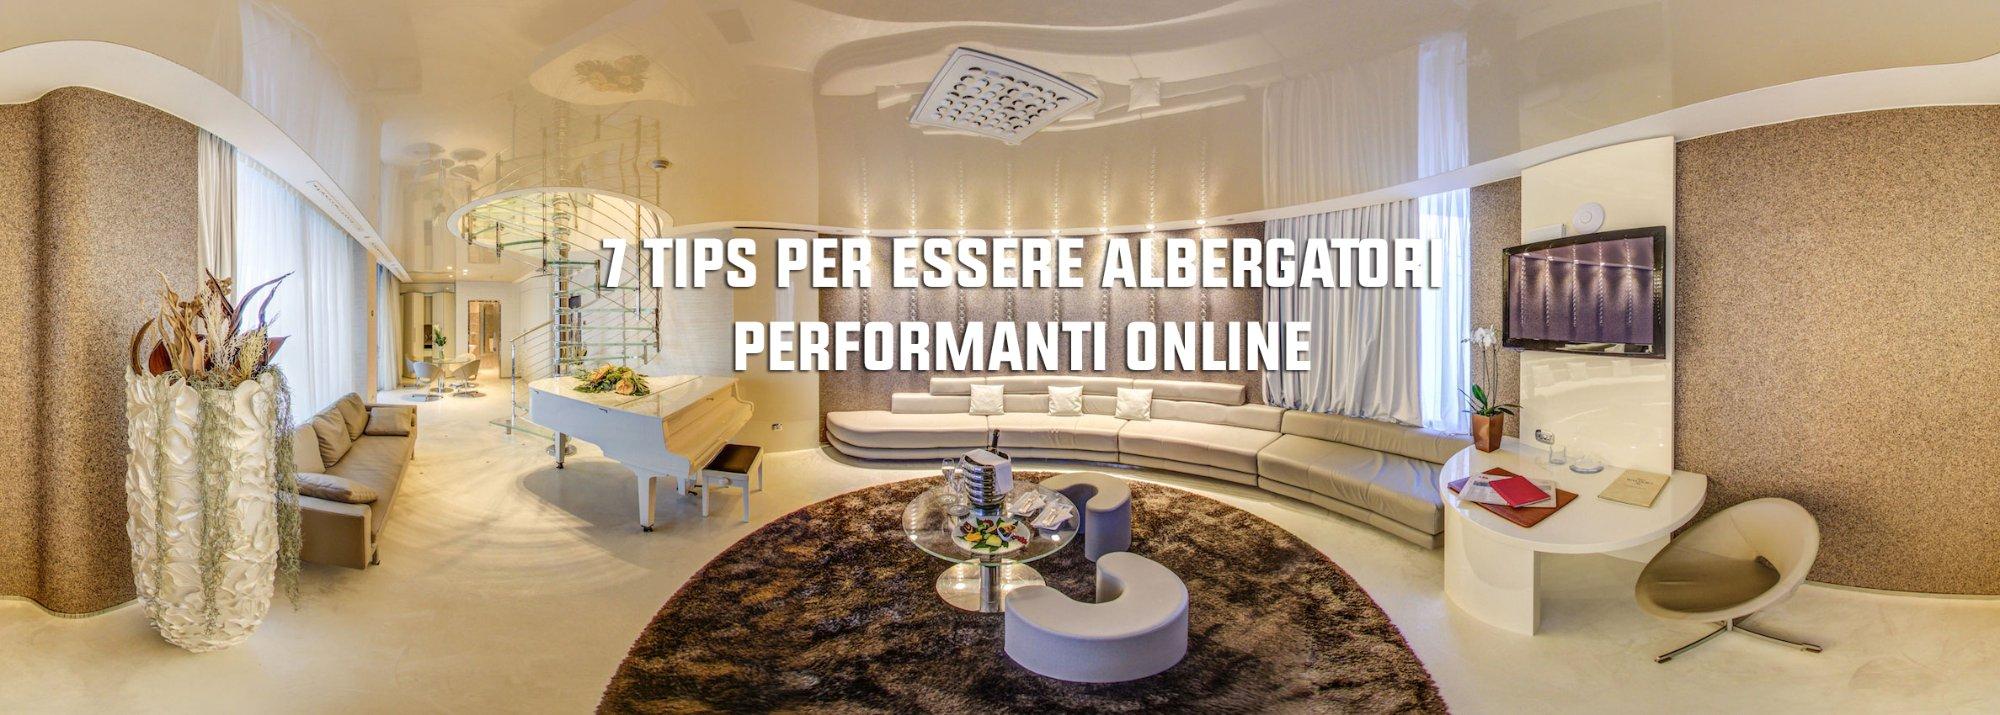 Albergatori digitali: 7 tips per essere belli performanti online nel 2017